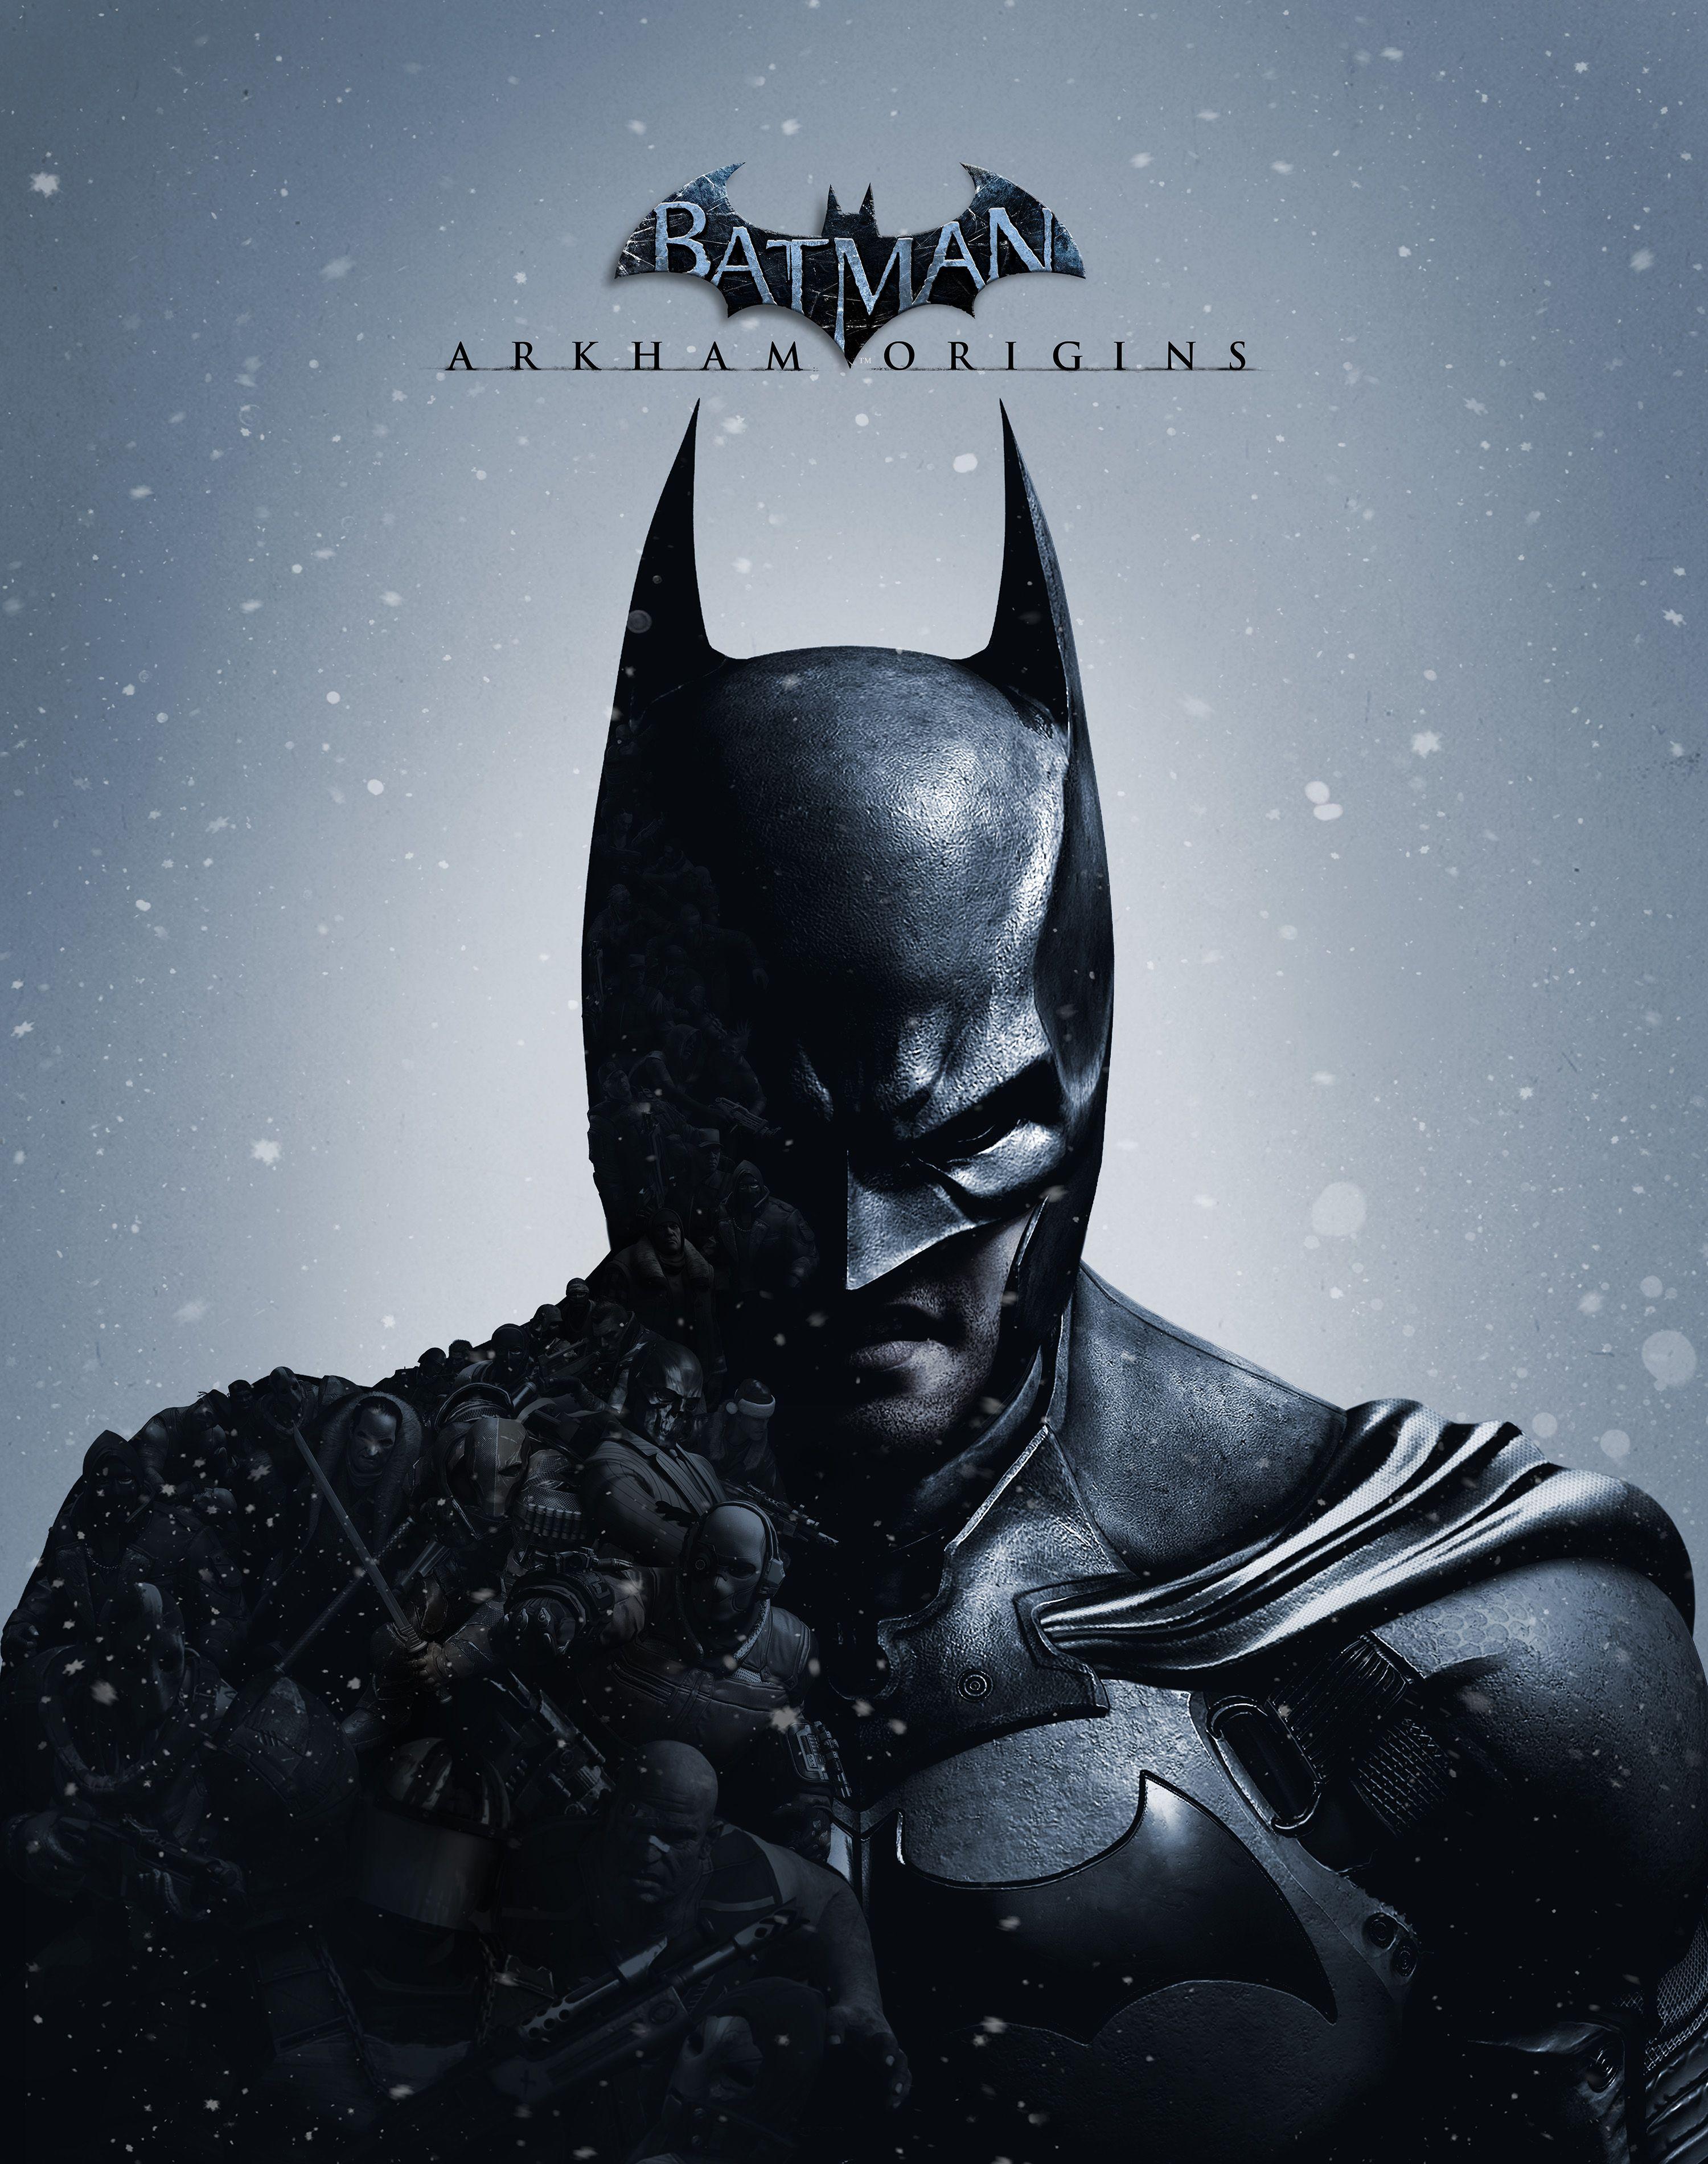 batman arkham origins wp - photo #30